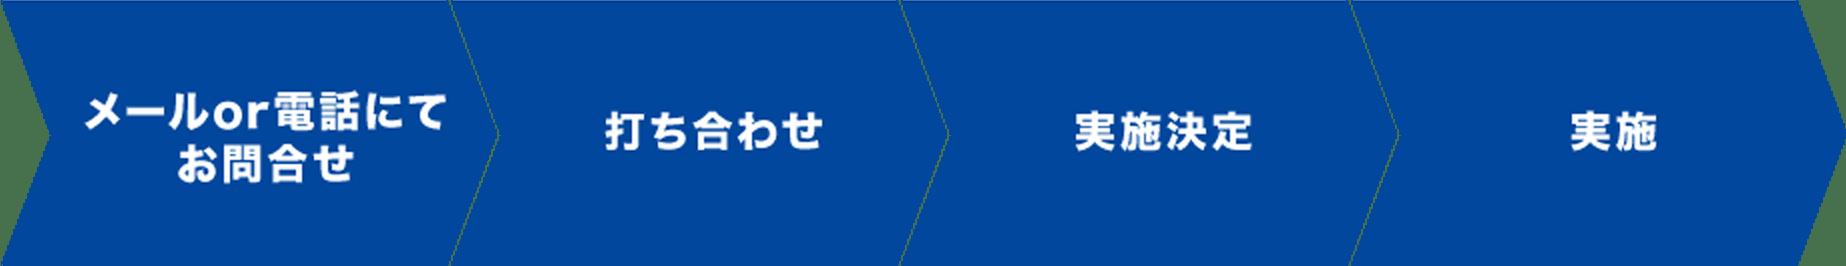 メールor電話にてお問合せ→打ち合わせ→実施決定→実施